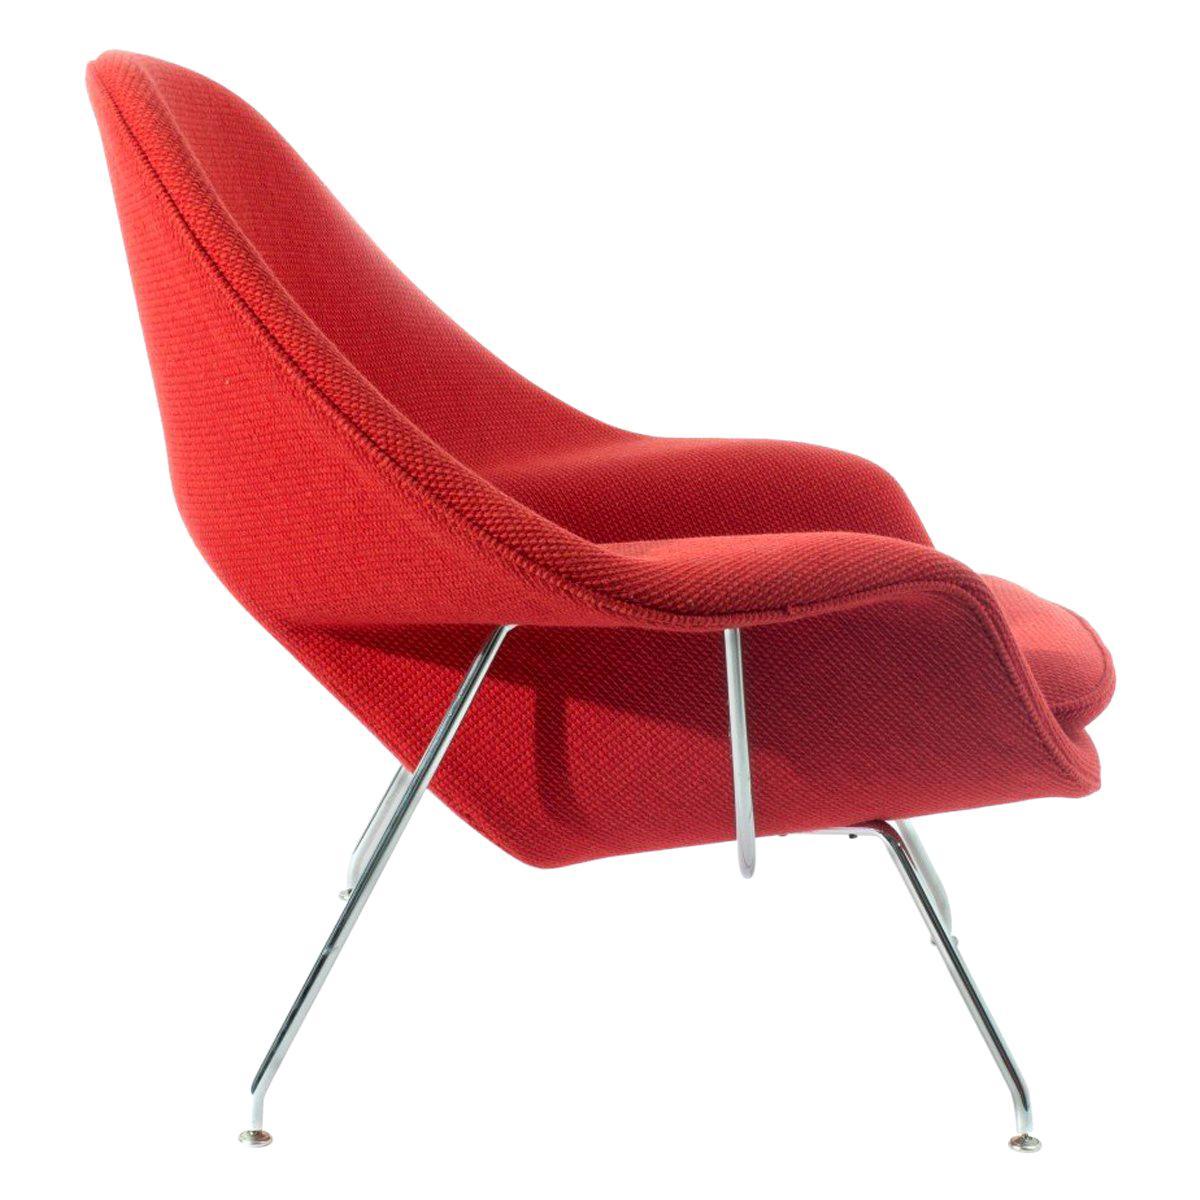 Vintage Knoll Womb Chair by Eero Saarinen in COM